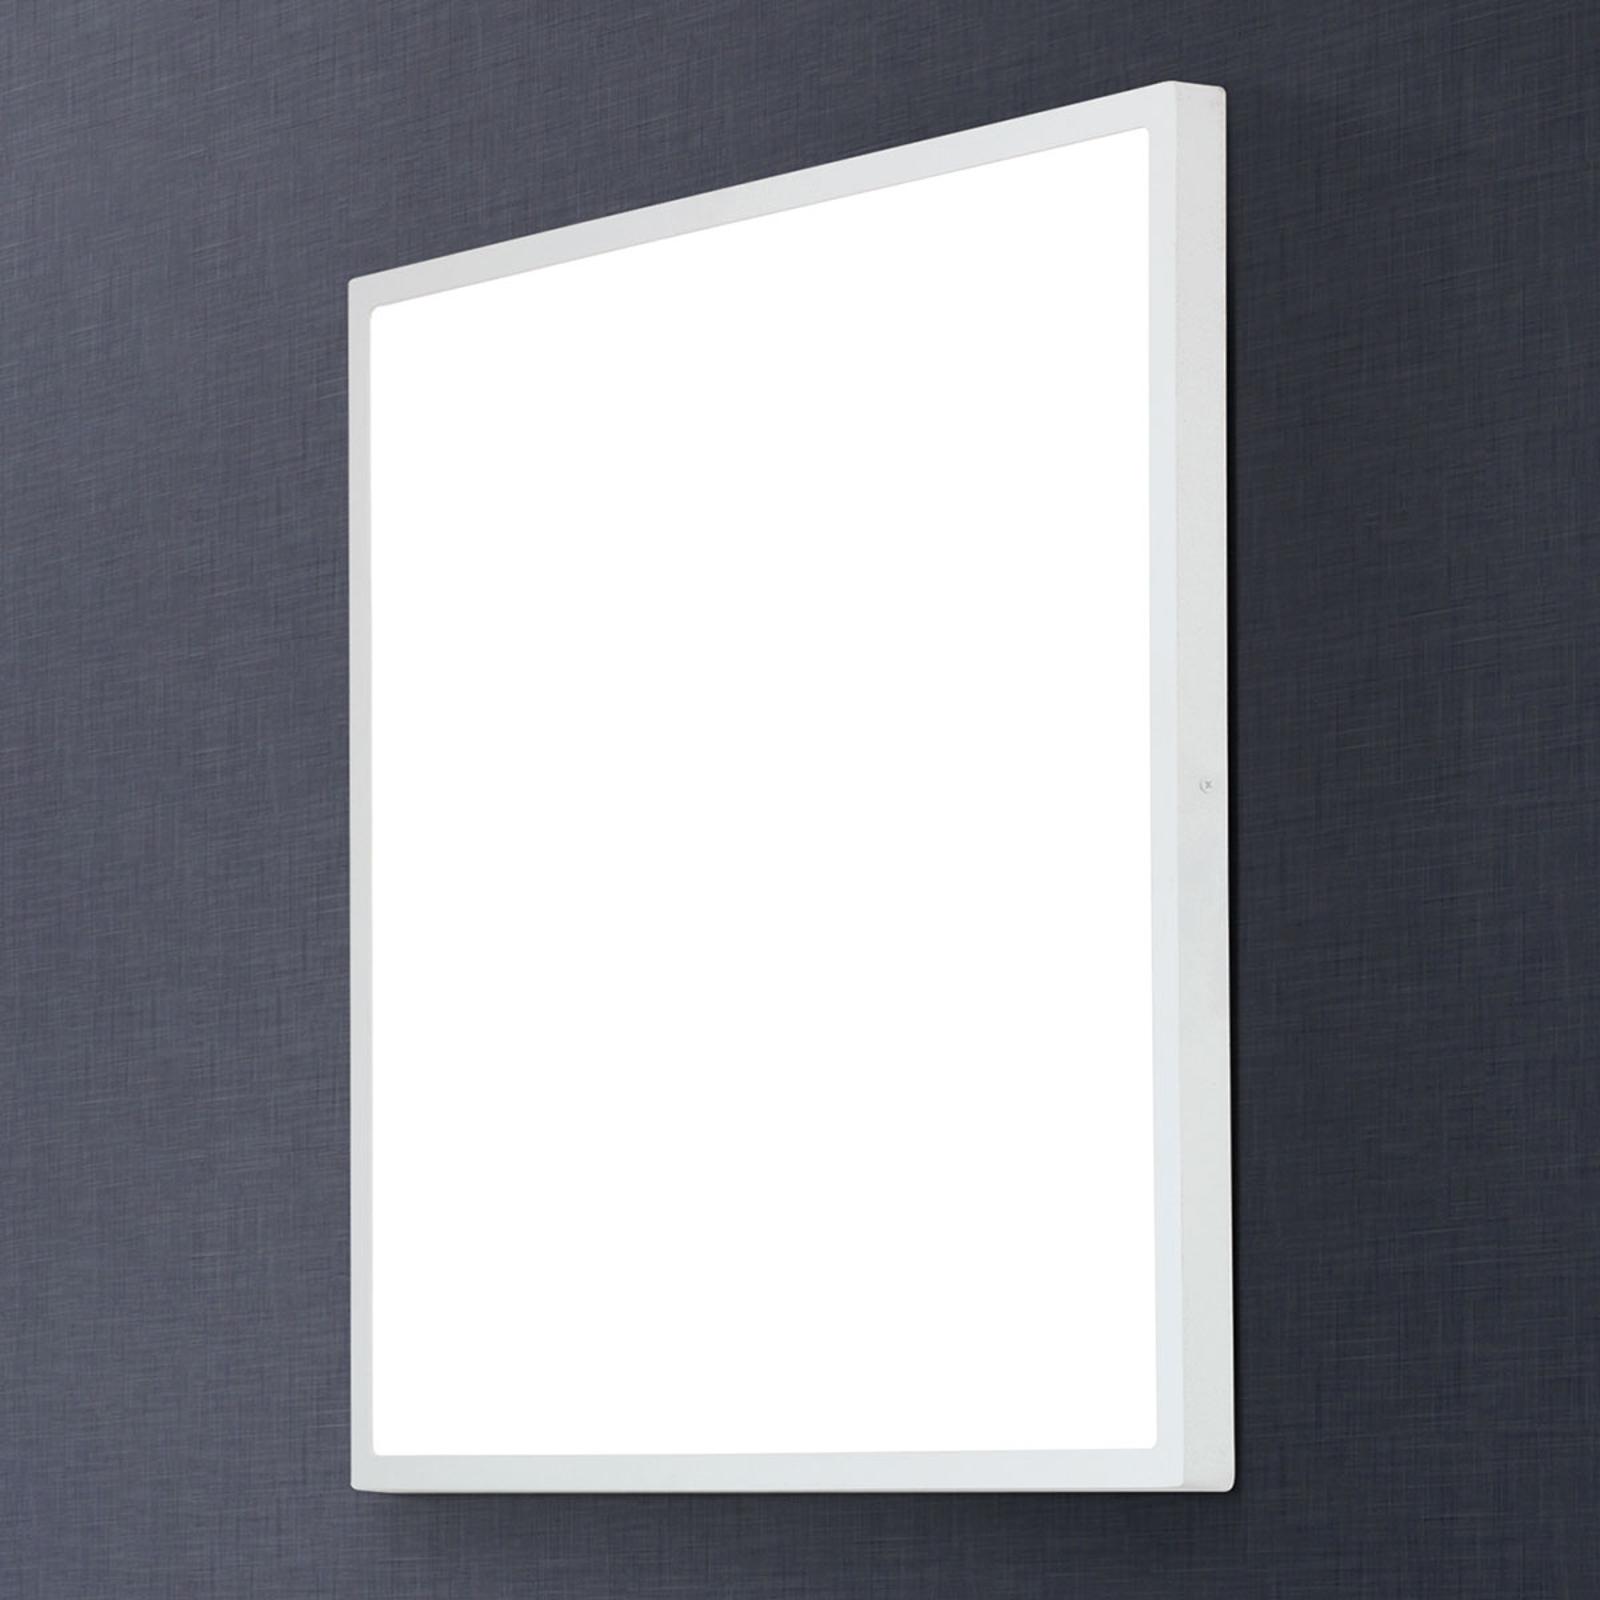 Prostokątna lampa sufitowa LED Lero 60 x 60 cm